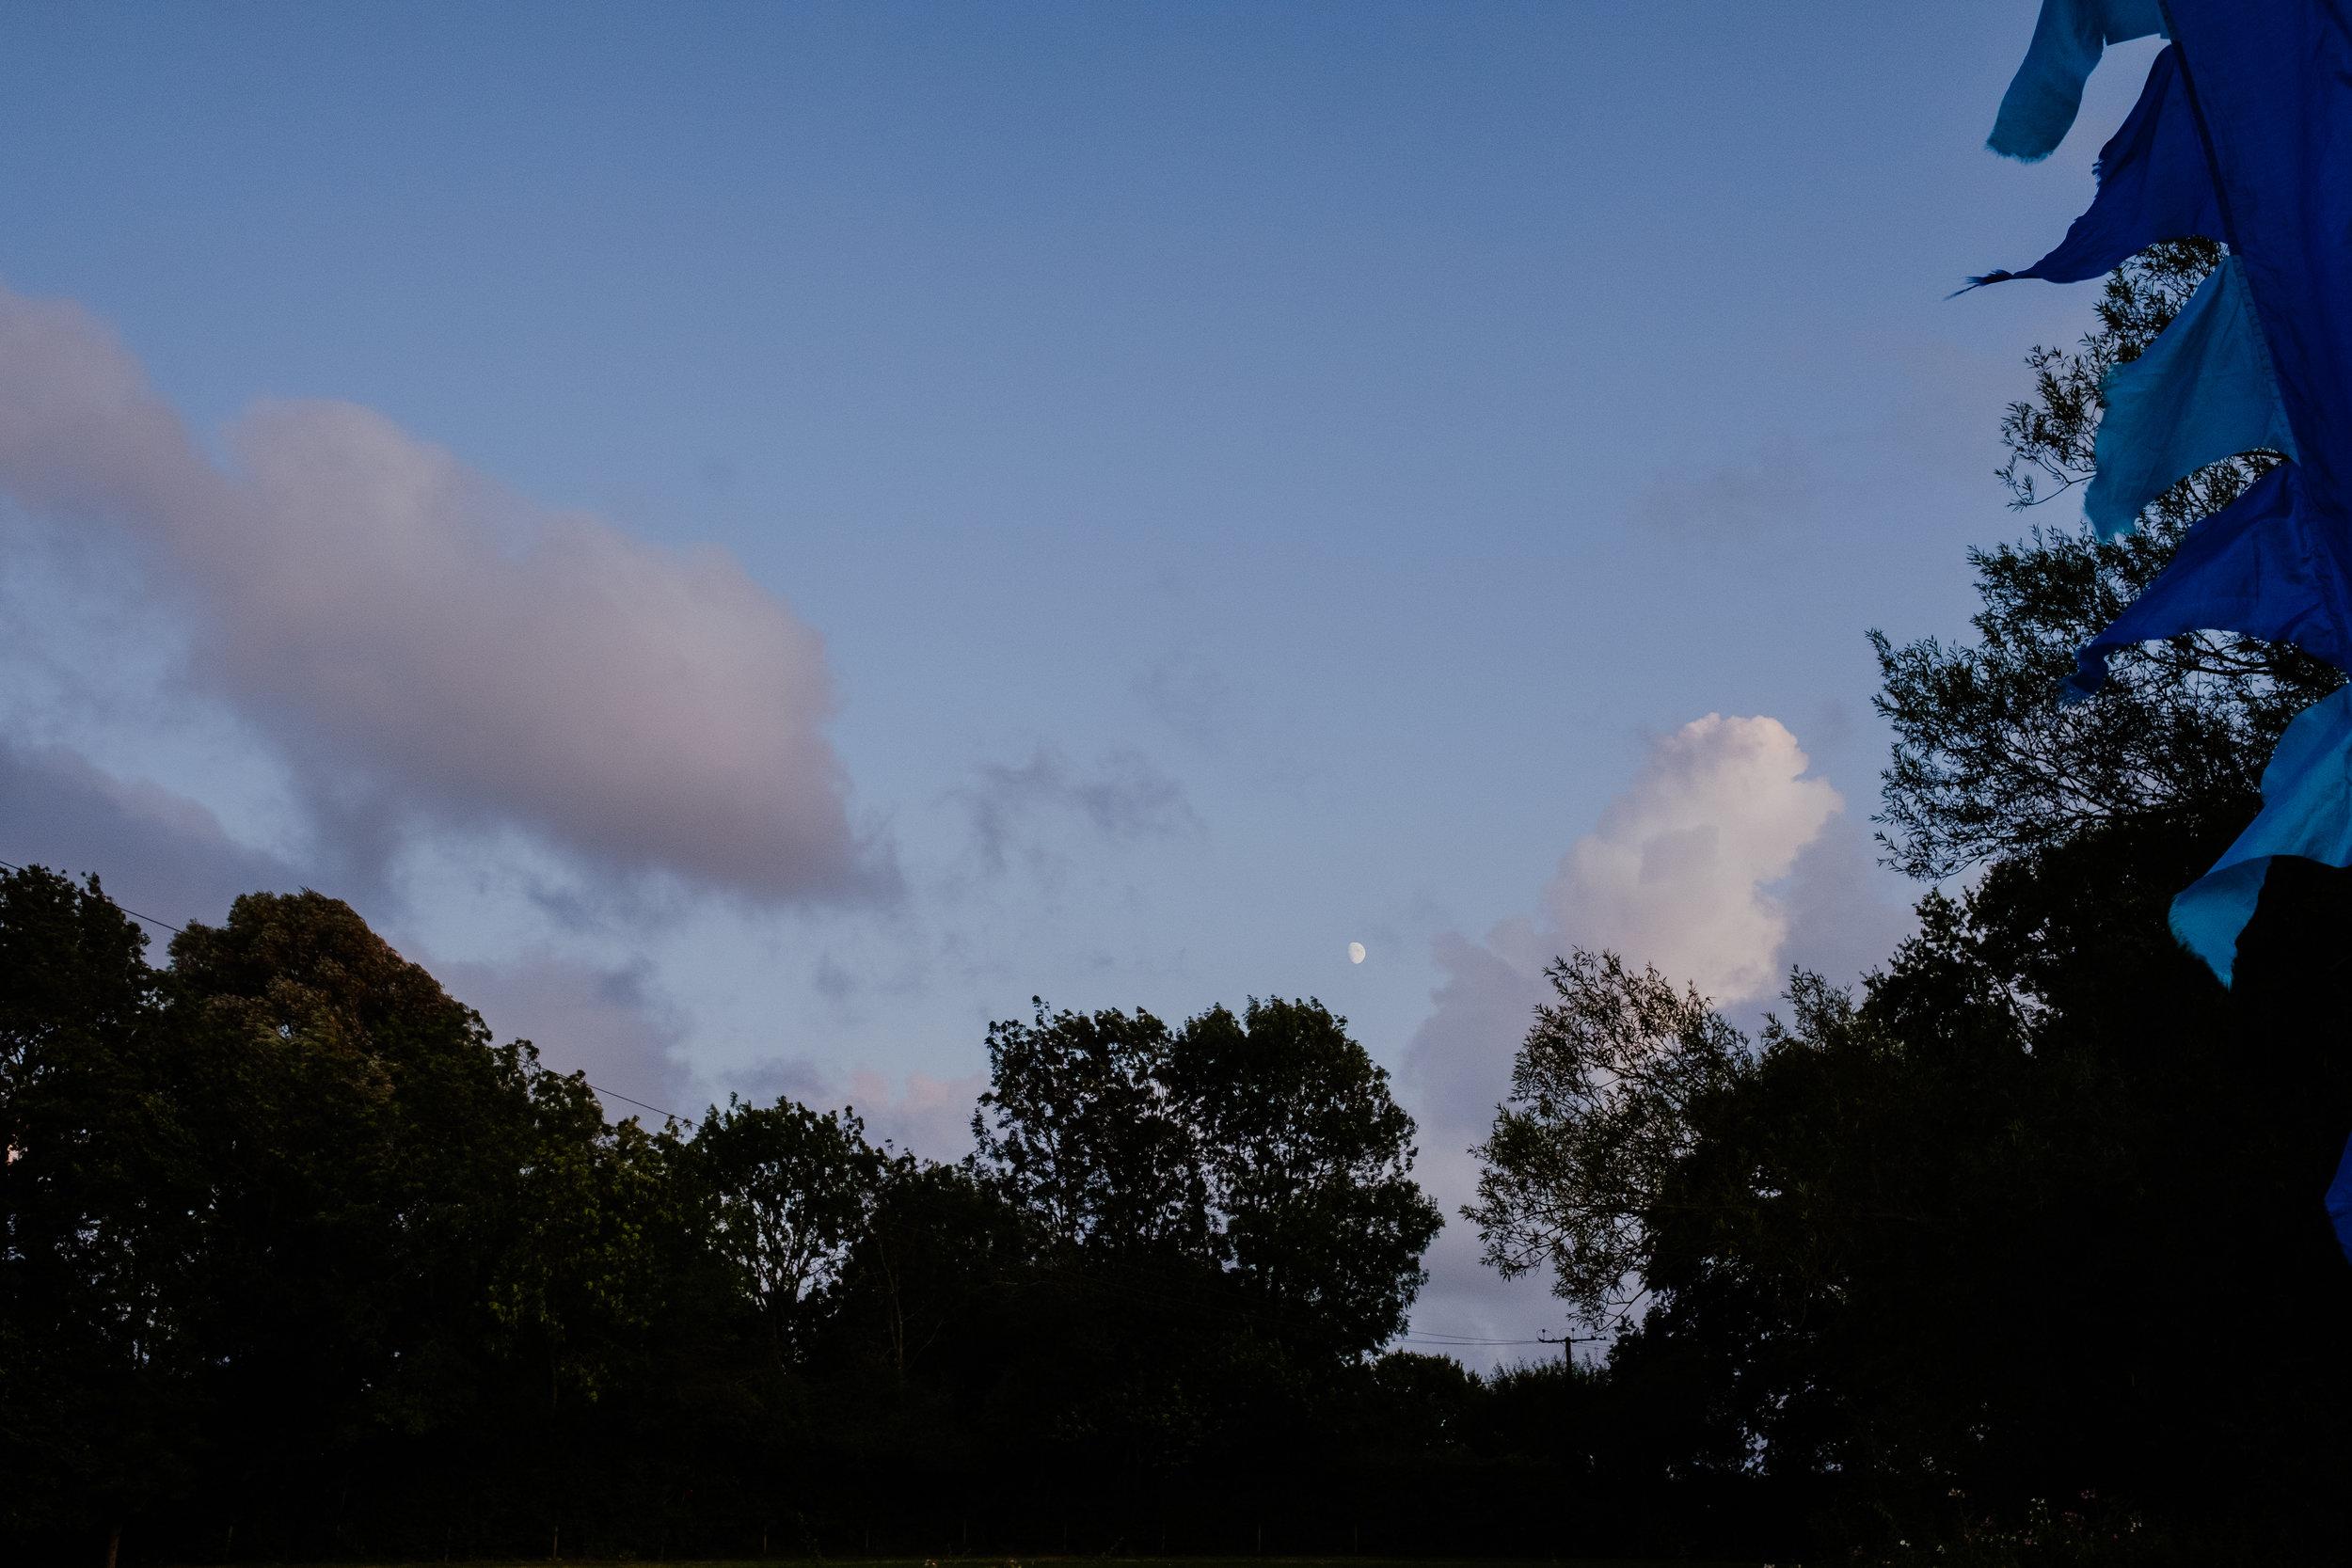 The night sky over Four Oaks Farm wedding